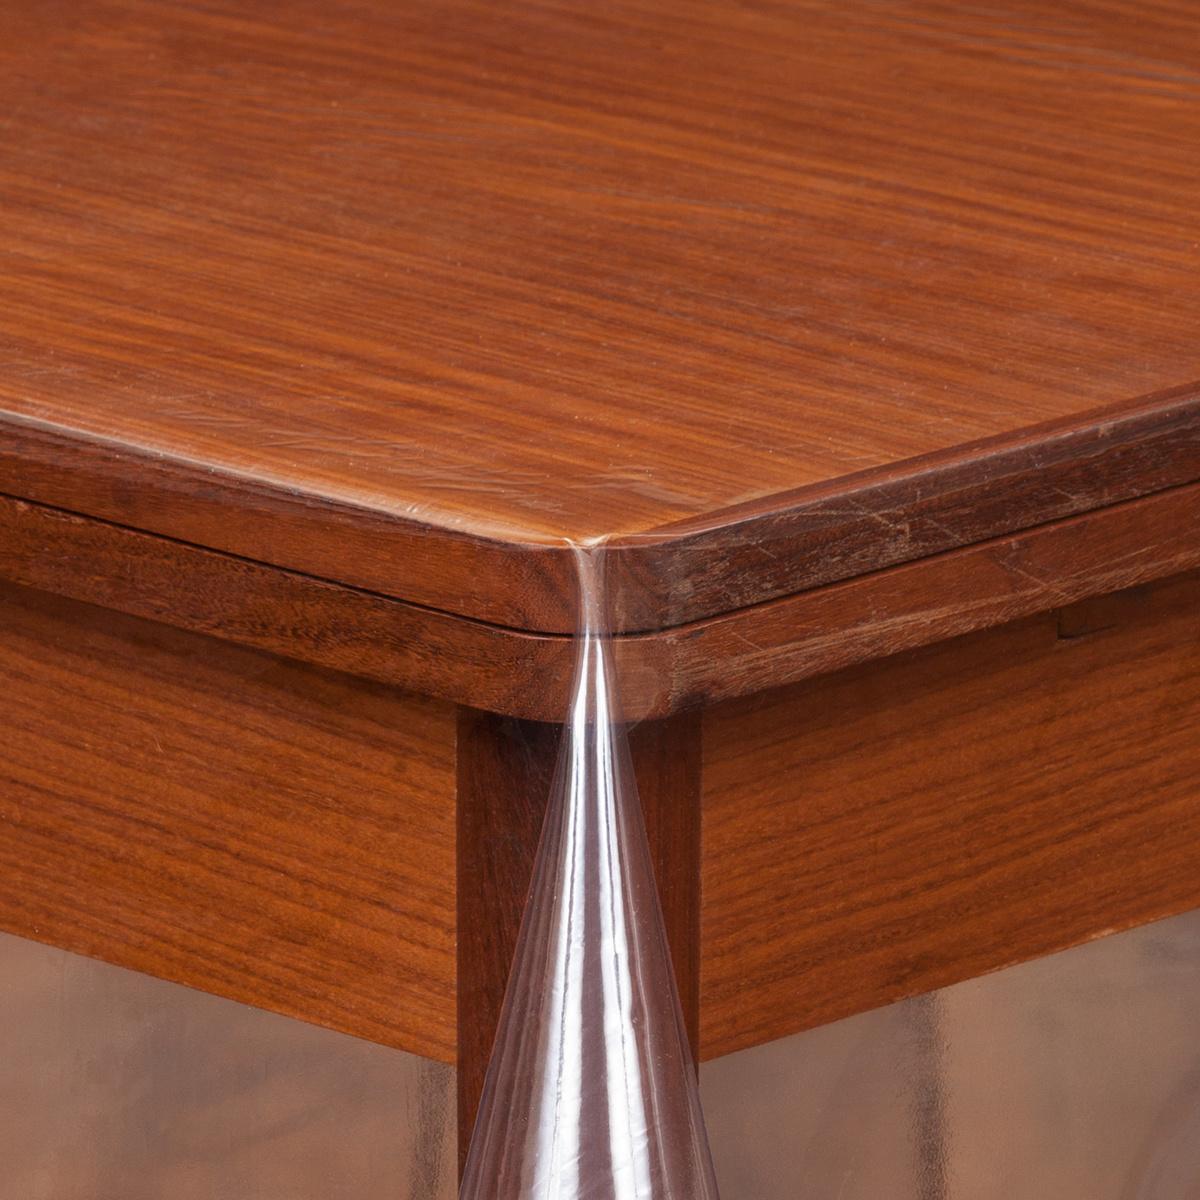 Doorzichtig tafelzeil doorschijnend tafelkeed